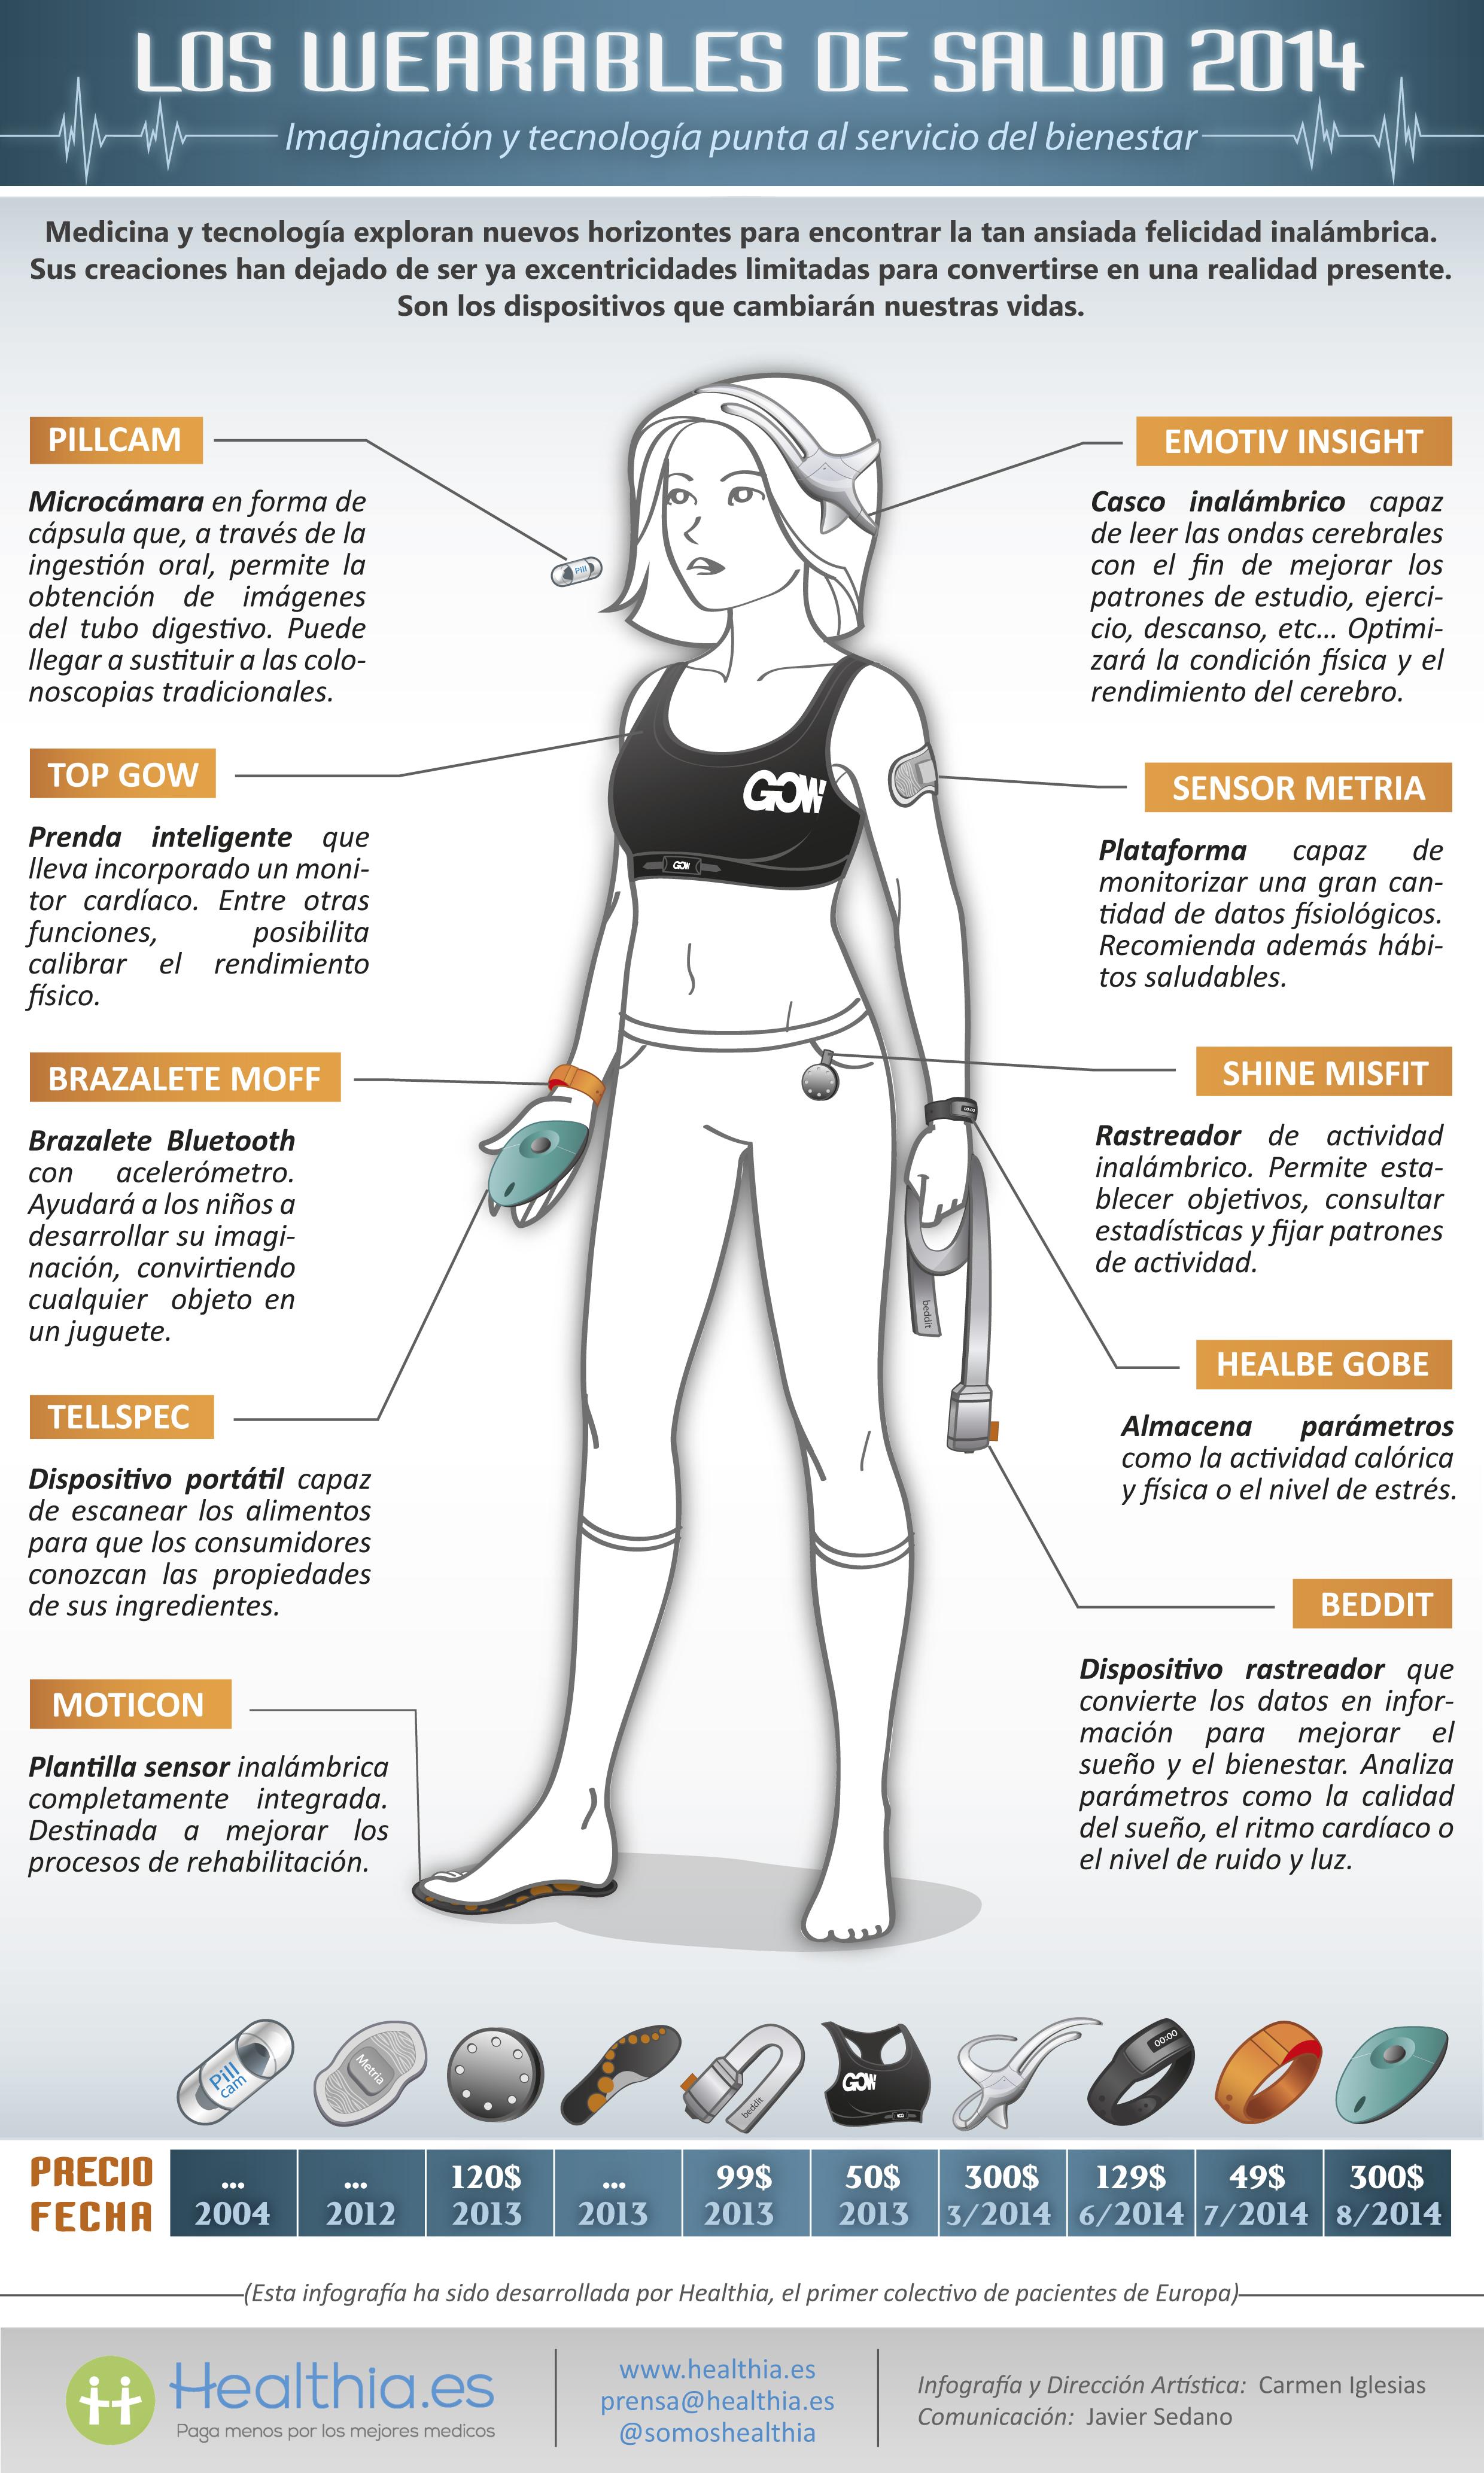 wearables salud